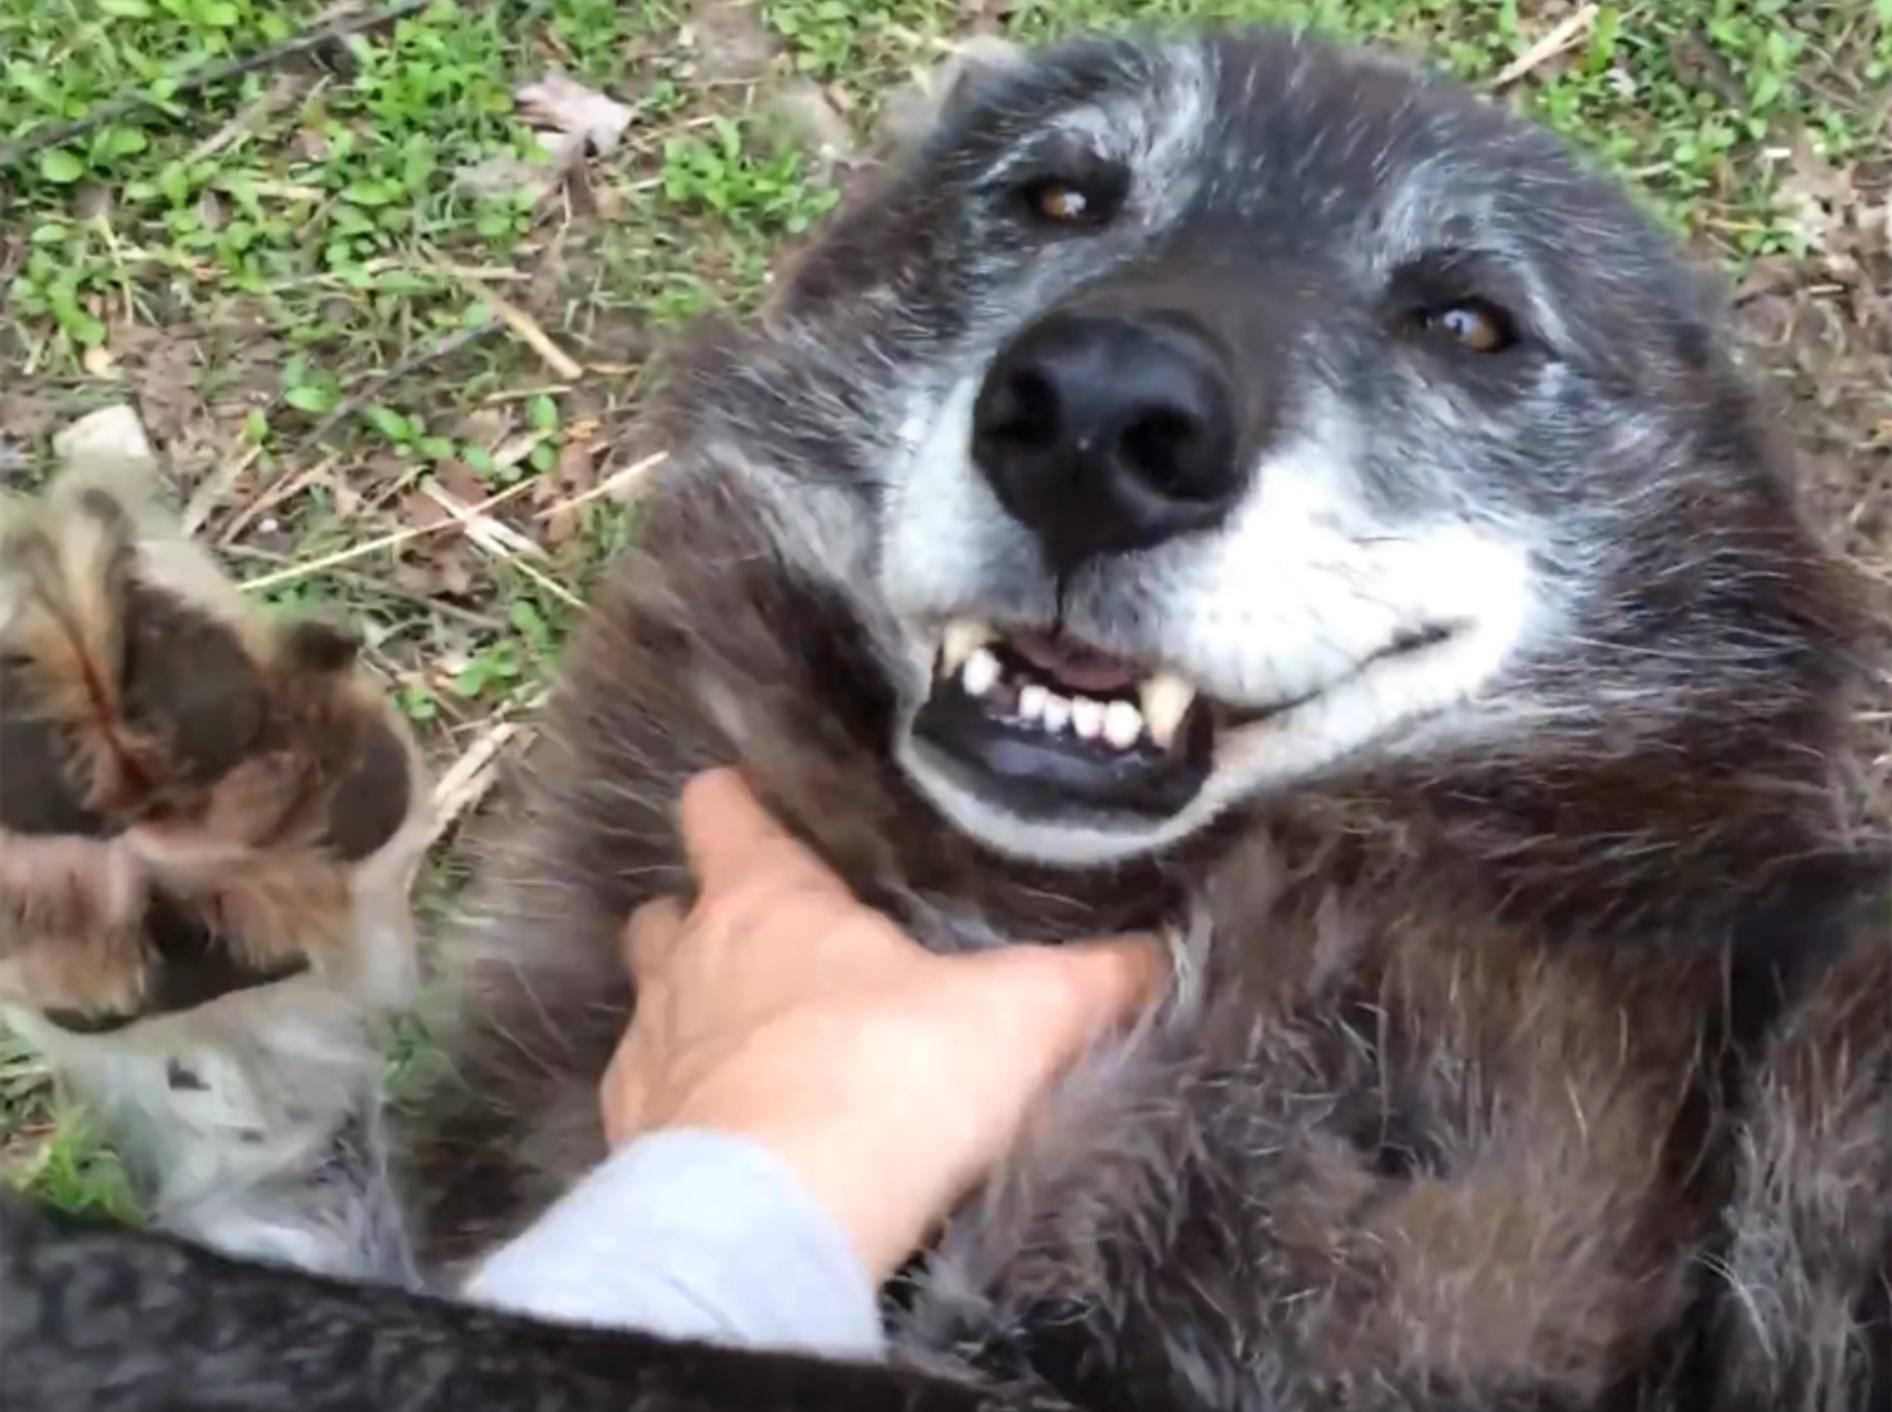 Wolf Lakomi lässt sich den Bauch kraulen und genießt es – YouTube / Sarah and the Wolves